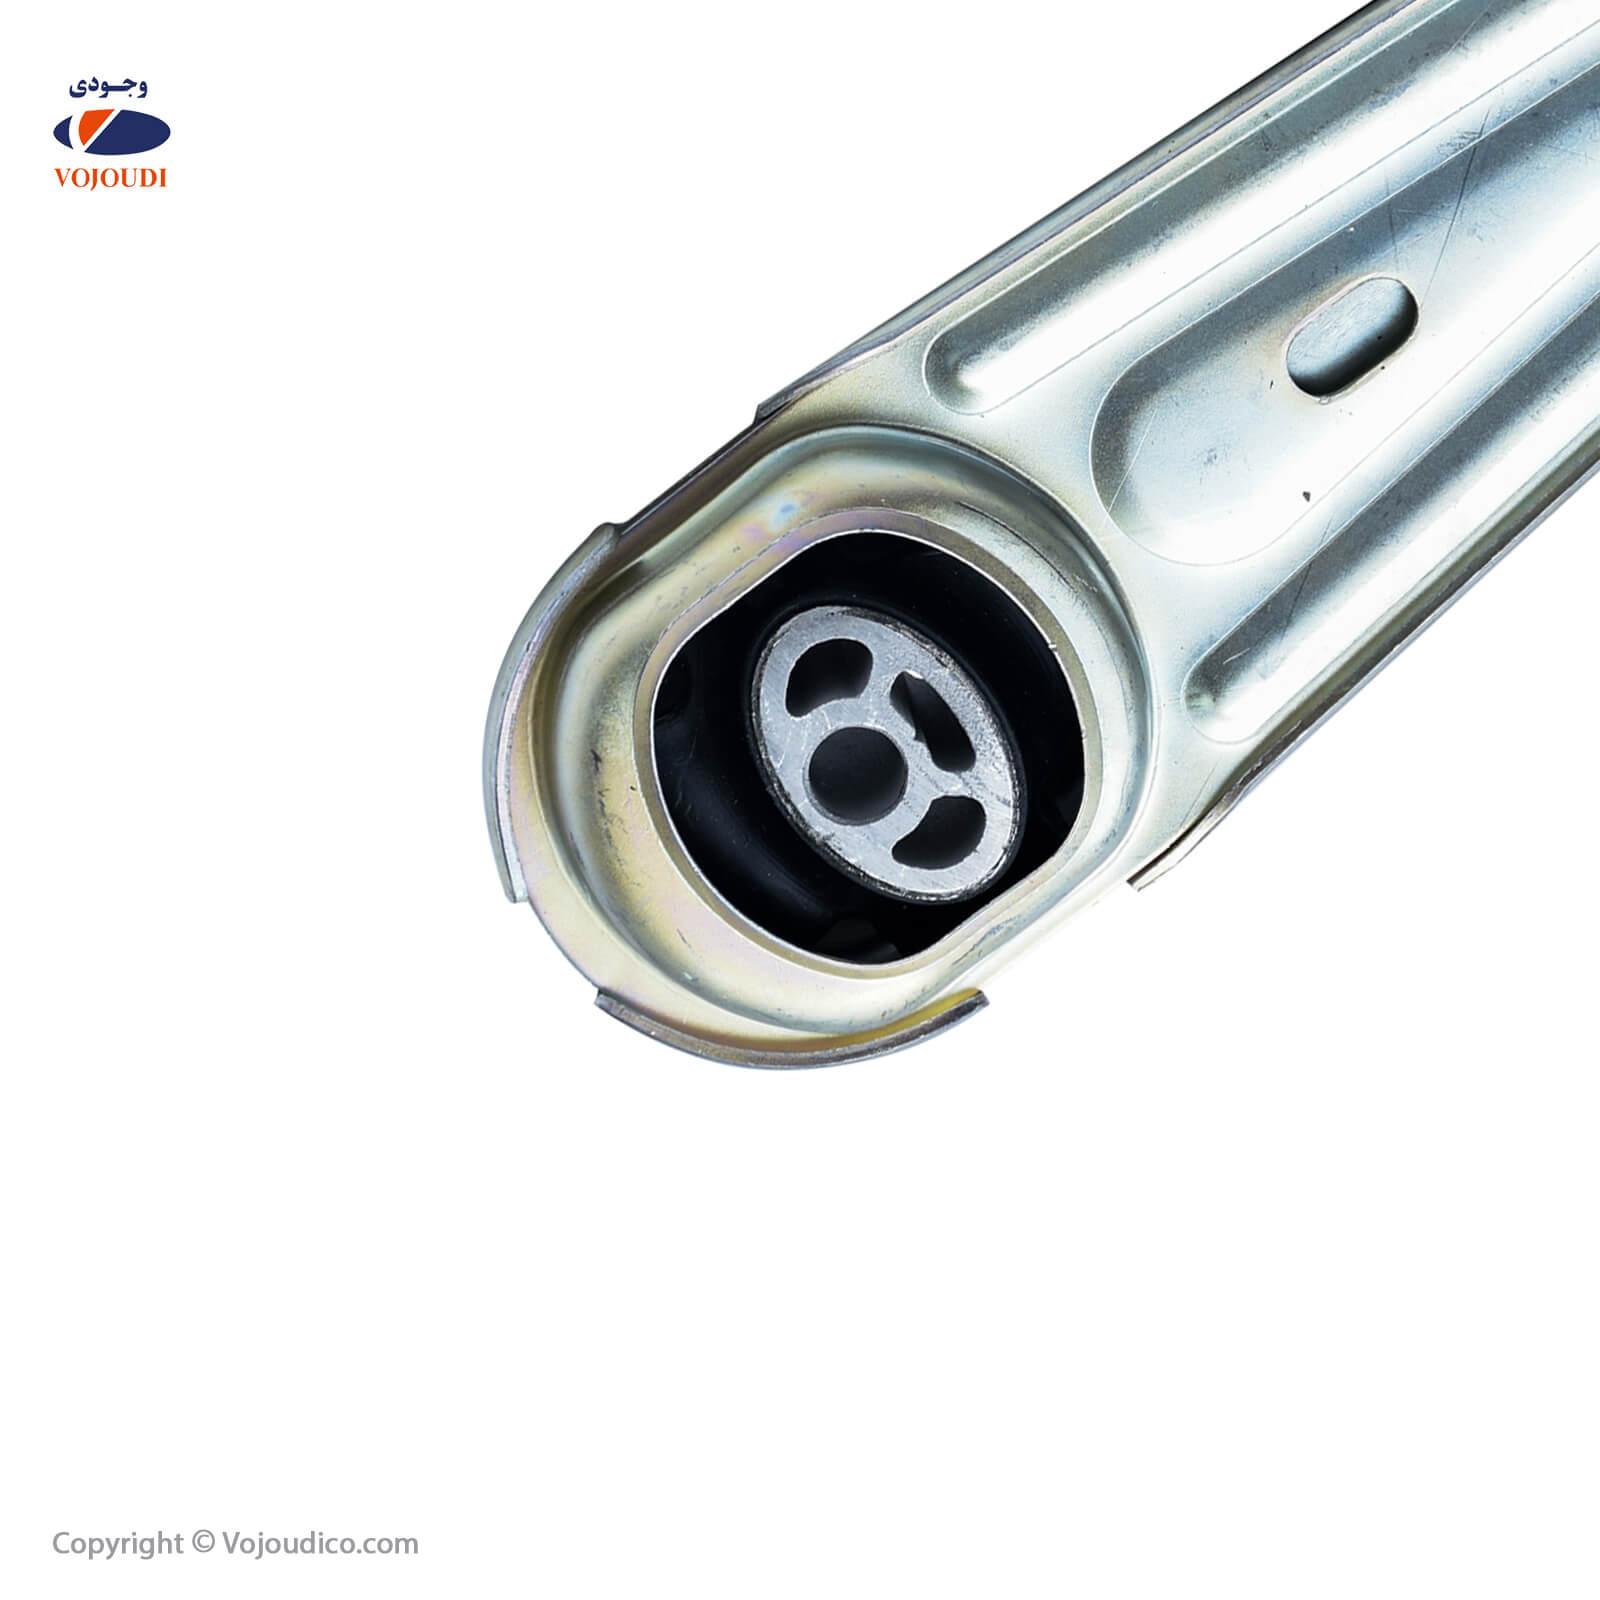 4299 1 1 - دسته موتور وجودی کد 4299 مناسب برای L90